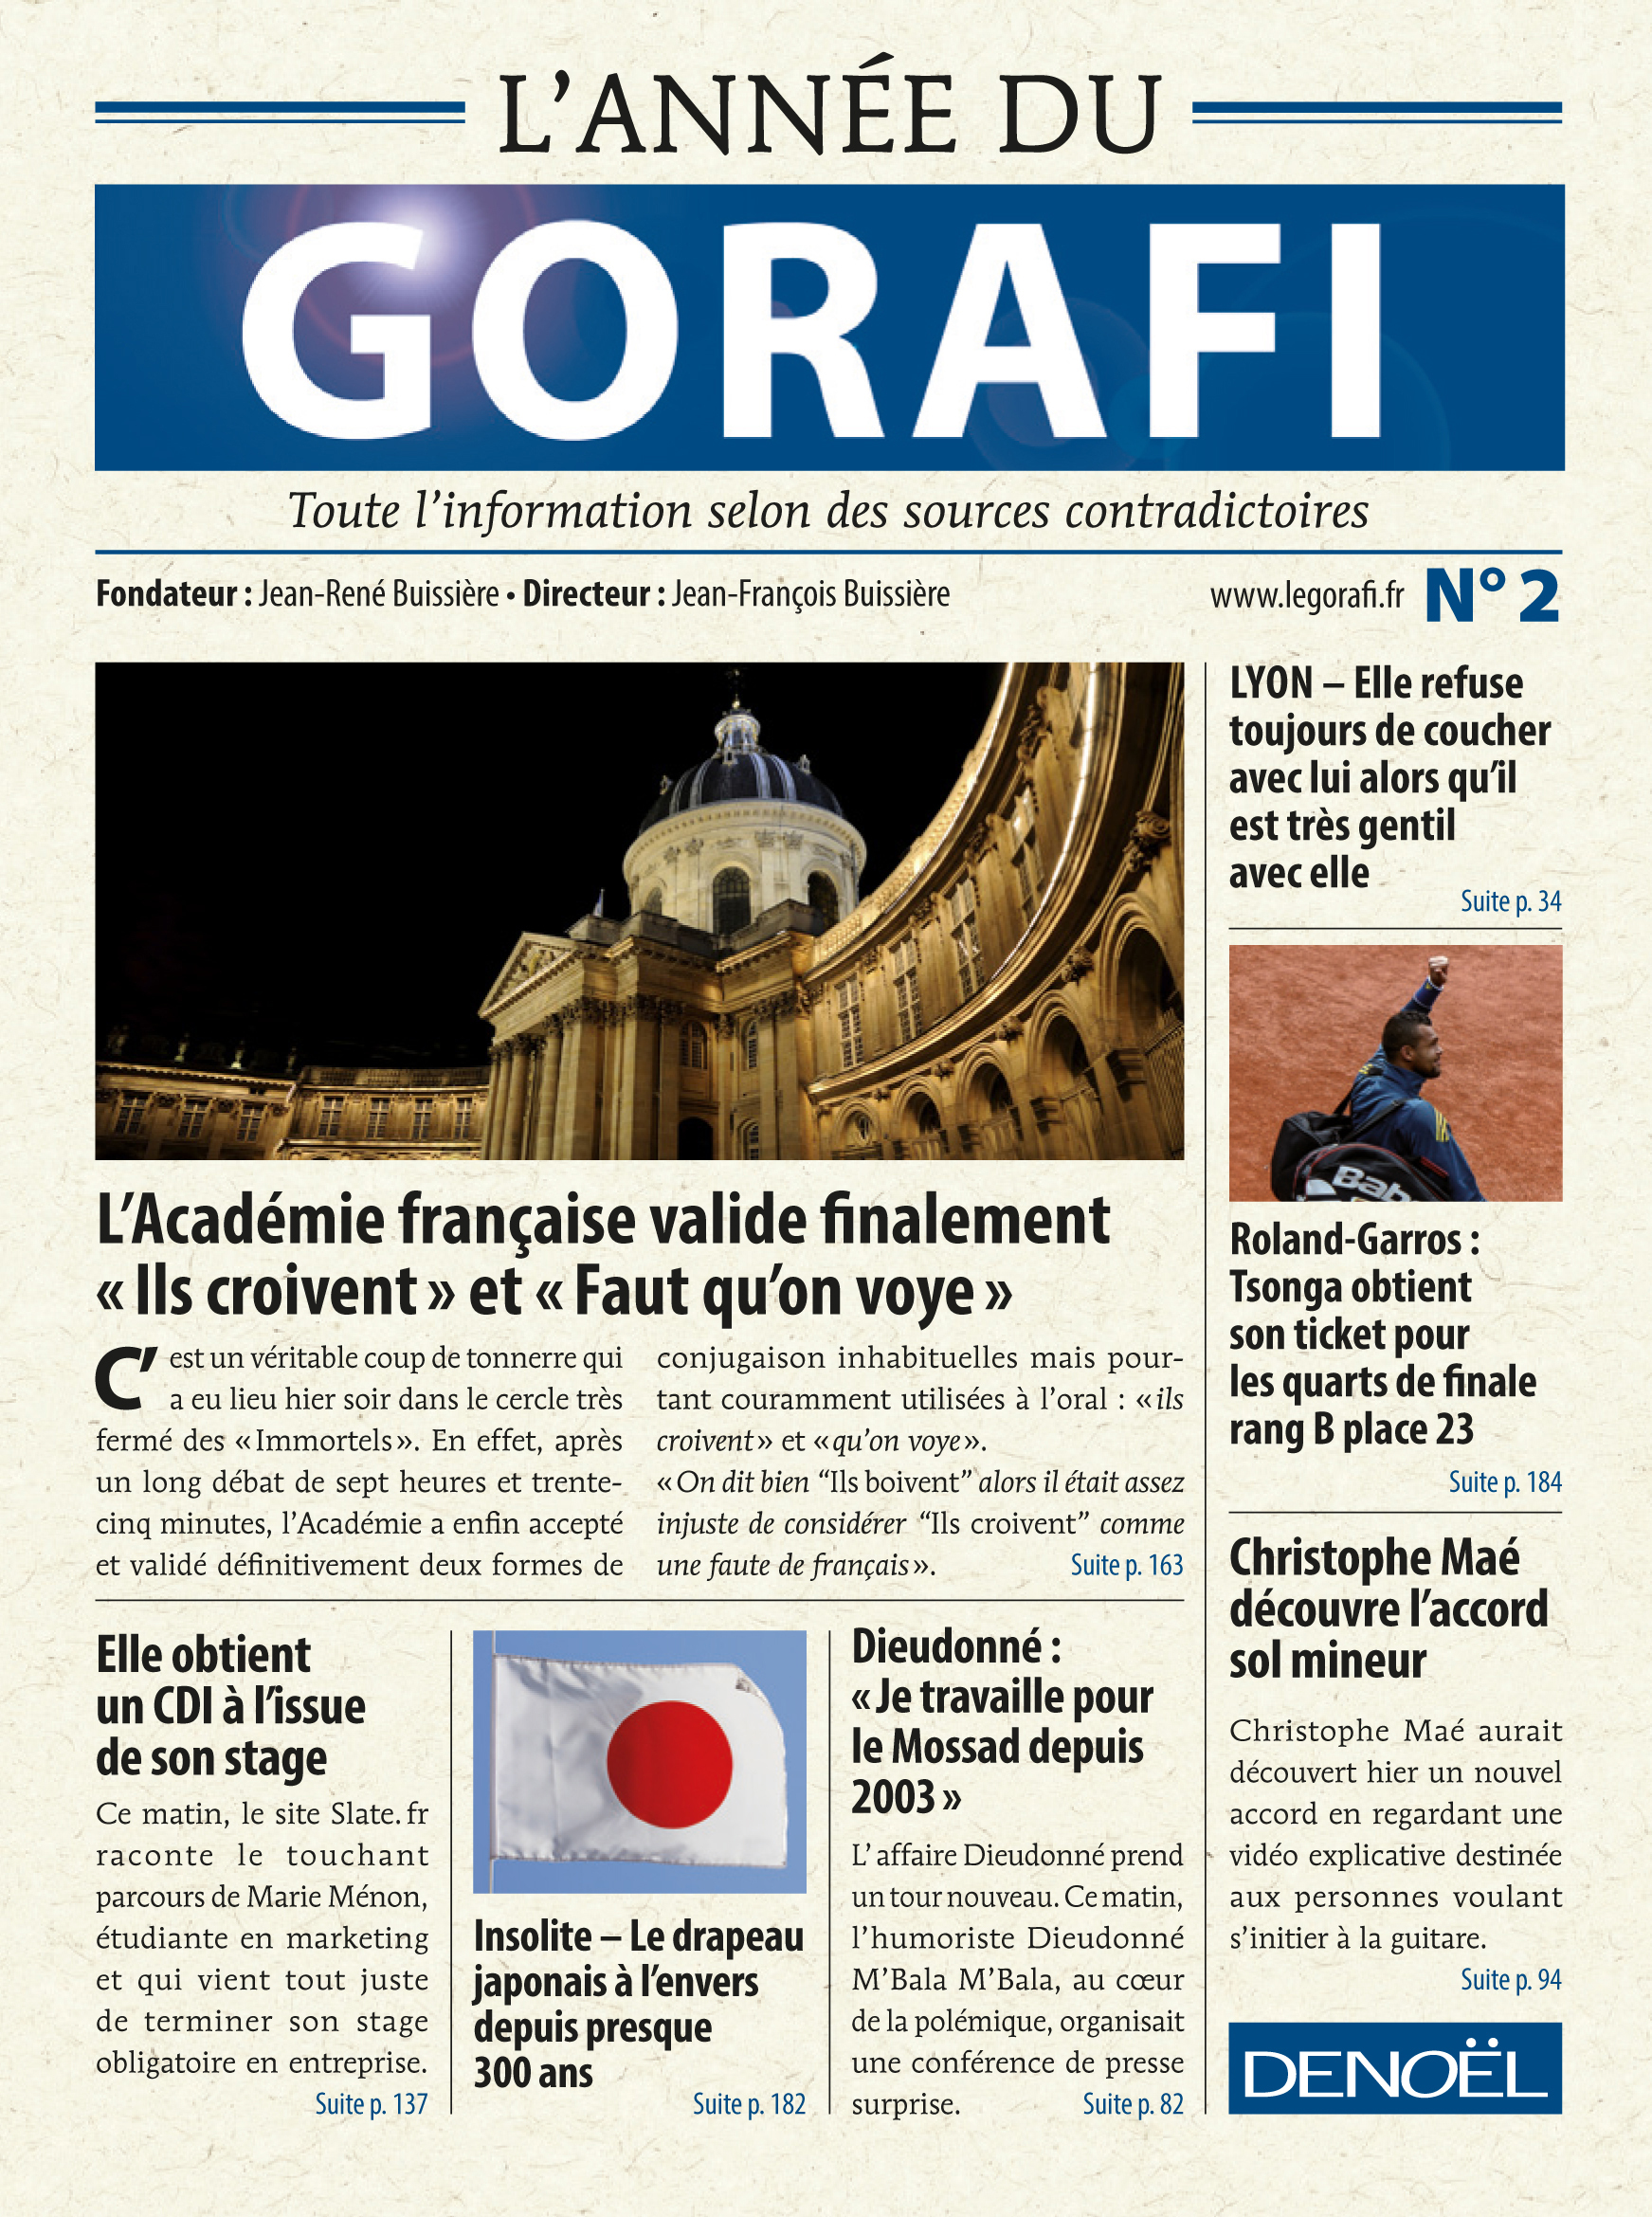 L'ANNEE DU GORAFI II